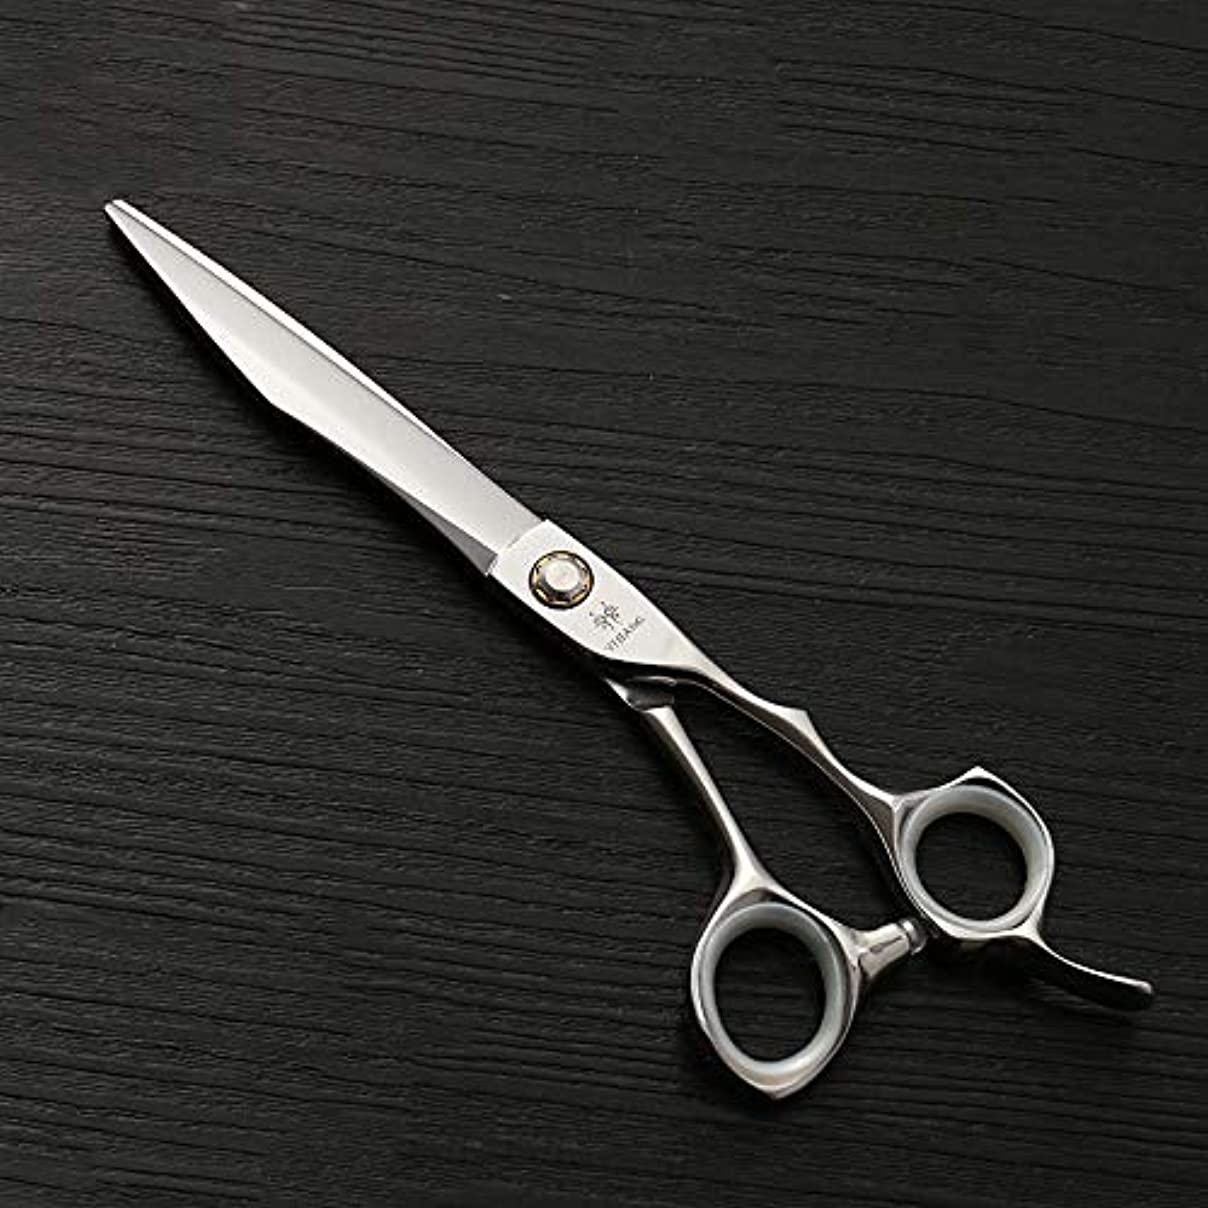 アレイ透過性神秘7.0インチナイフアックスビッグカットフラットせん断440 c高品質スチールペットストレートカット ヘアケア (色 : Silver)